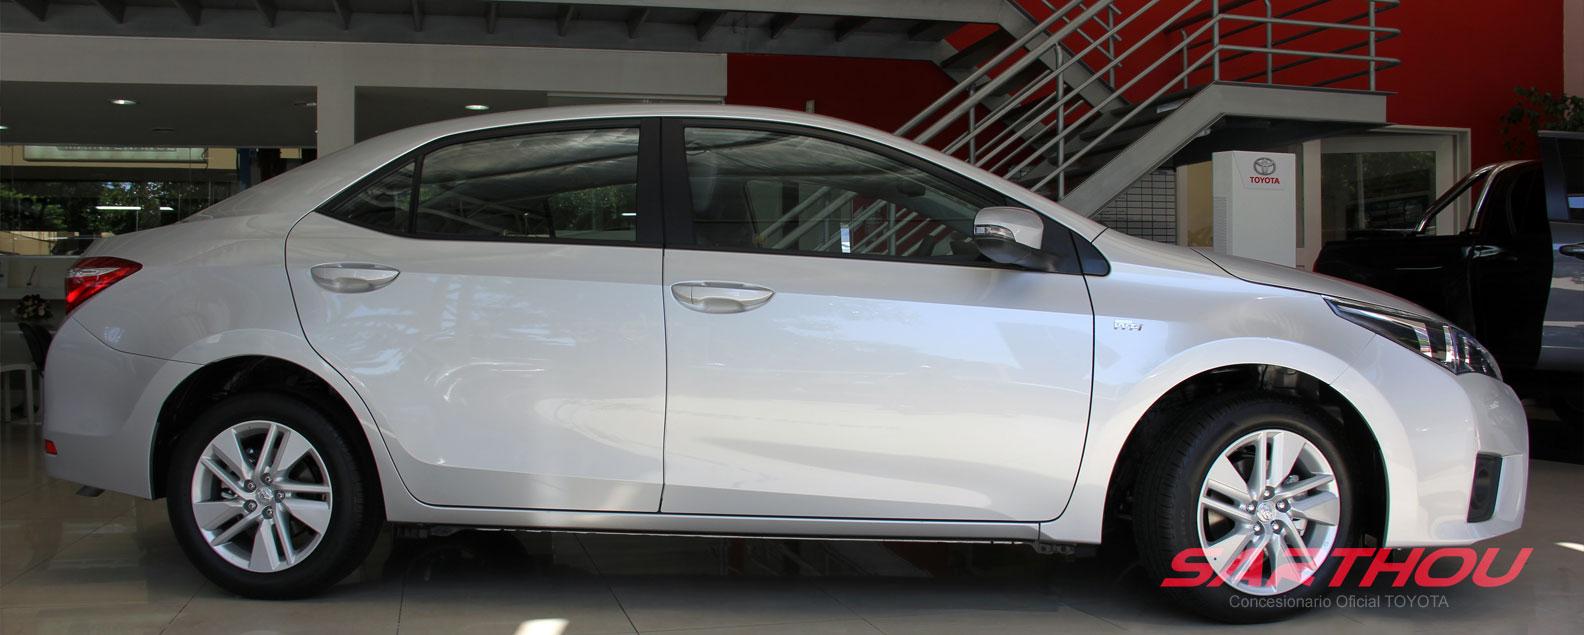 Toyota Corolla Sartou Buenos Aires